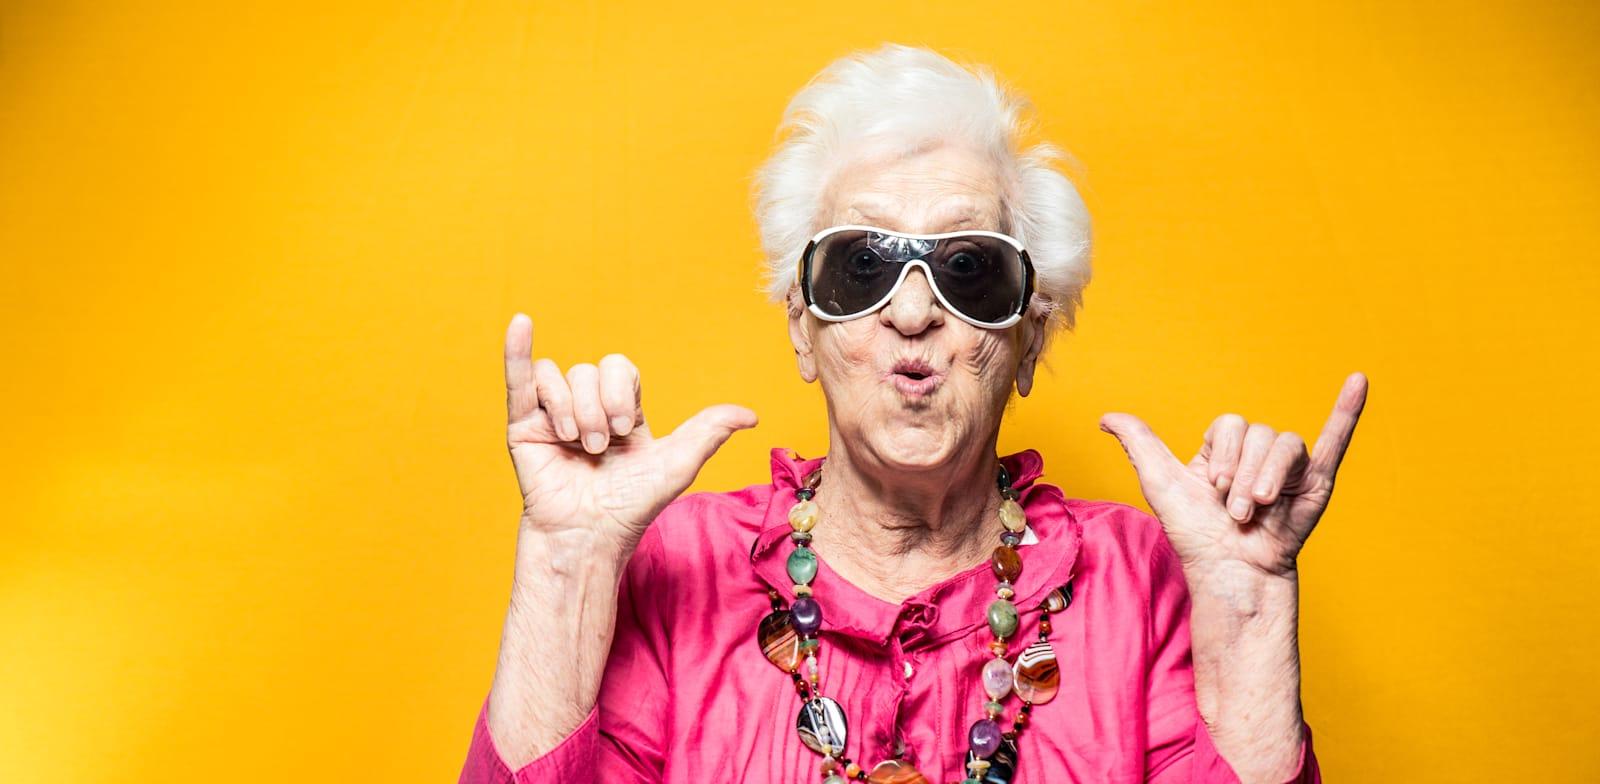 בקרב בני הגיל השלישי תועדו רמות חוסן אישיות גבוהות יחסית בשלבים מאוחרים יותר של המגפה / צילום: Shutterstock, oneinchpunch